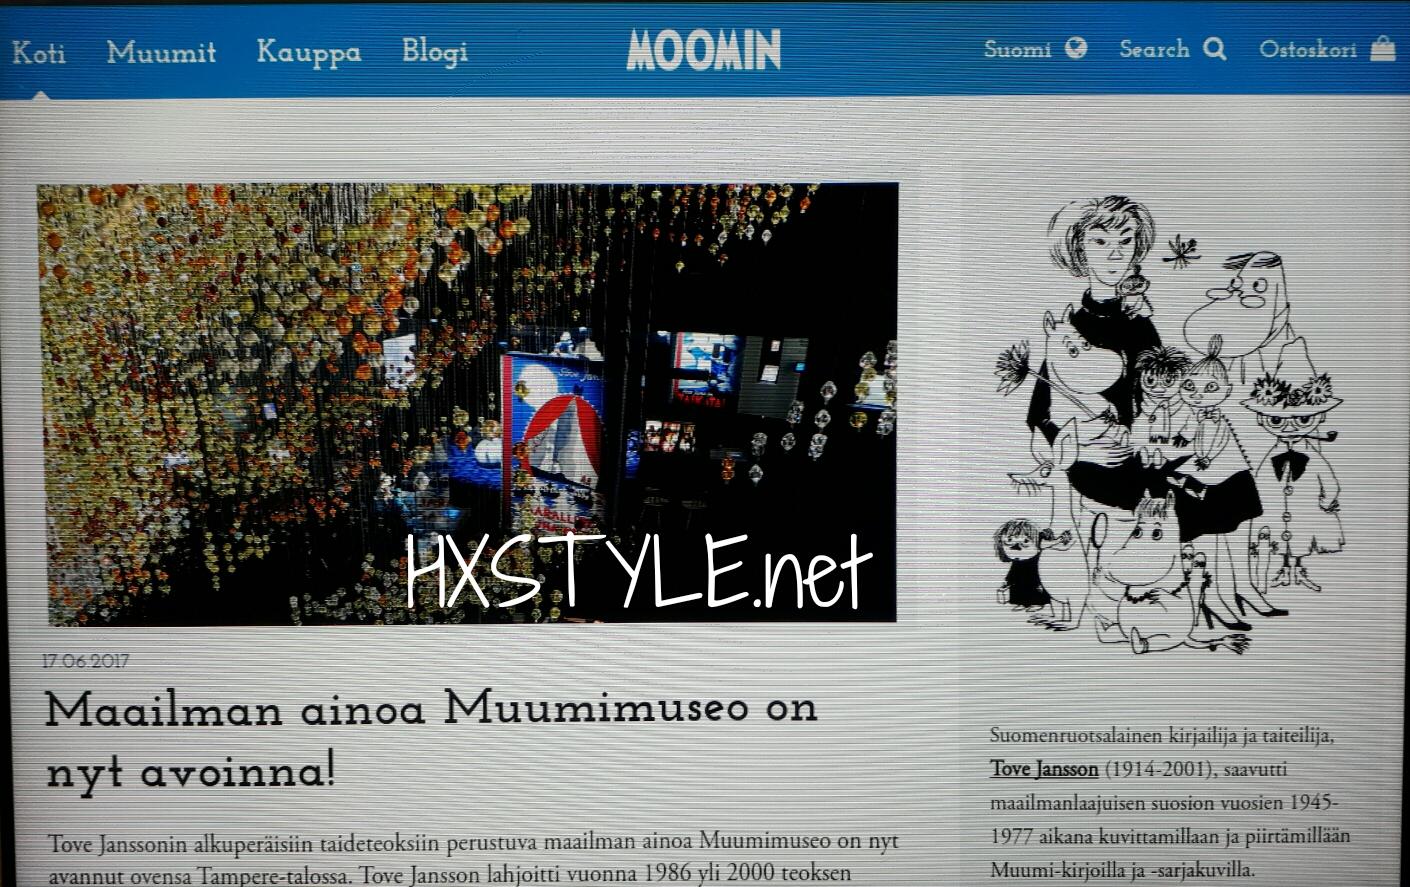 KULTTUURI UUTISIA. SUOMALAINEN DESIG, Maailmanlaajuinen Suosio…                 Tove Jansson, MUUMIT. Museo, Maailma ja Kahvilat. KESÄ 2017